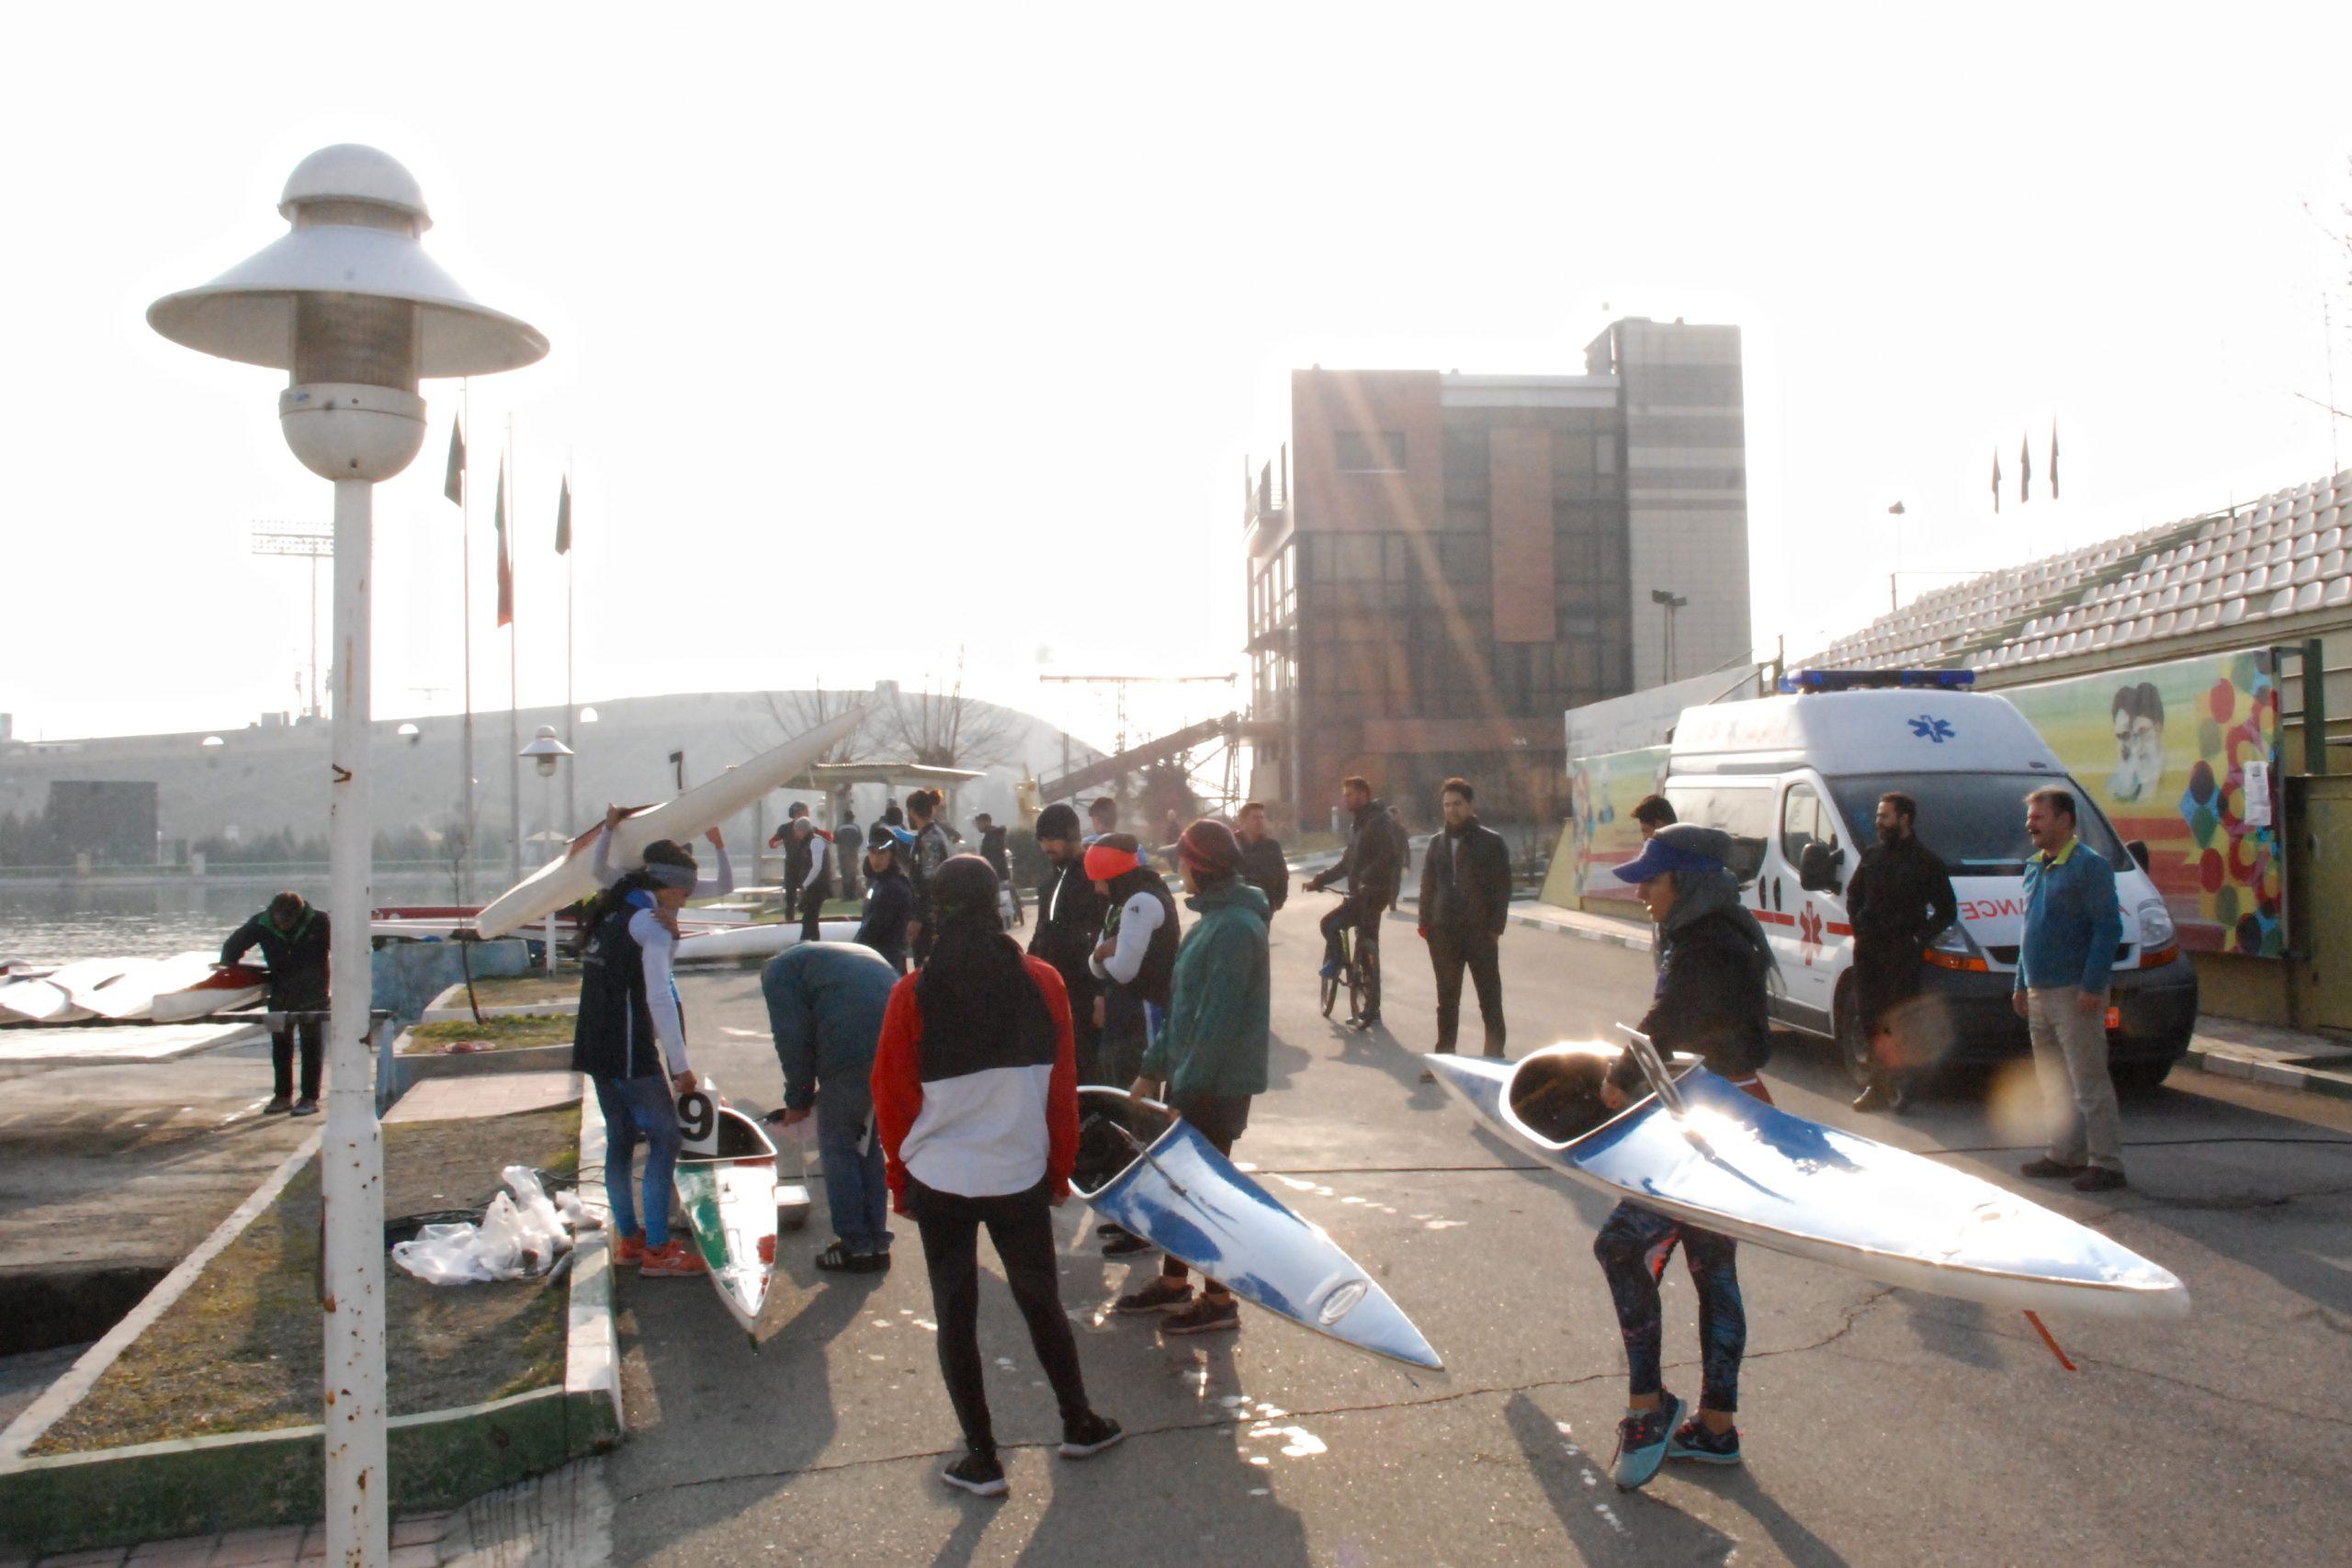 تست پایان اردو تیم های ملی آبهای آرام و پاراکانو در دریاچه آزادی